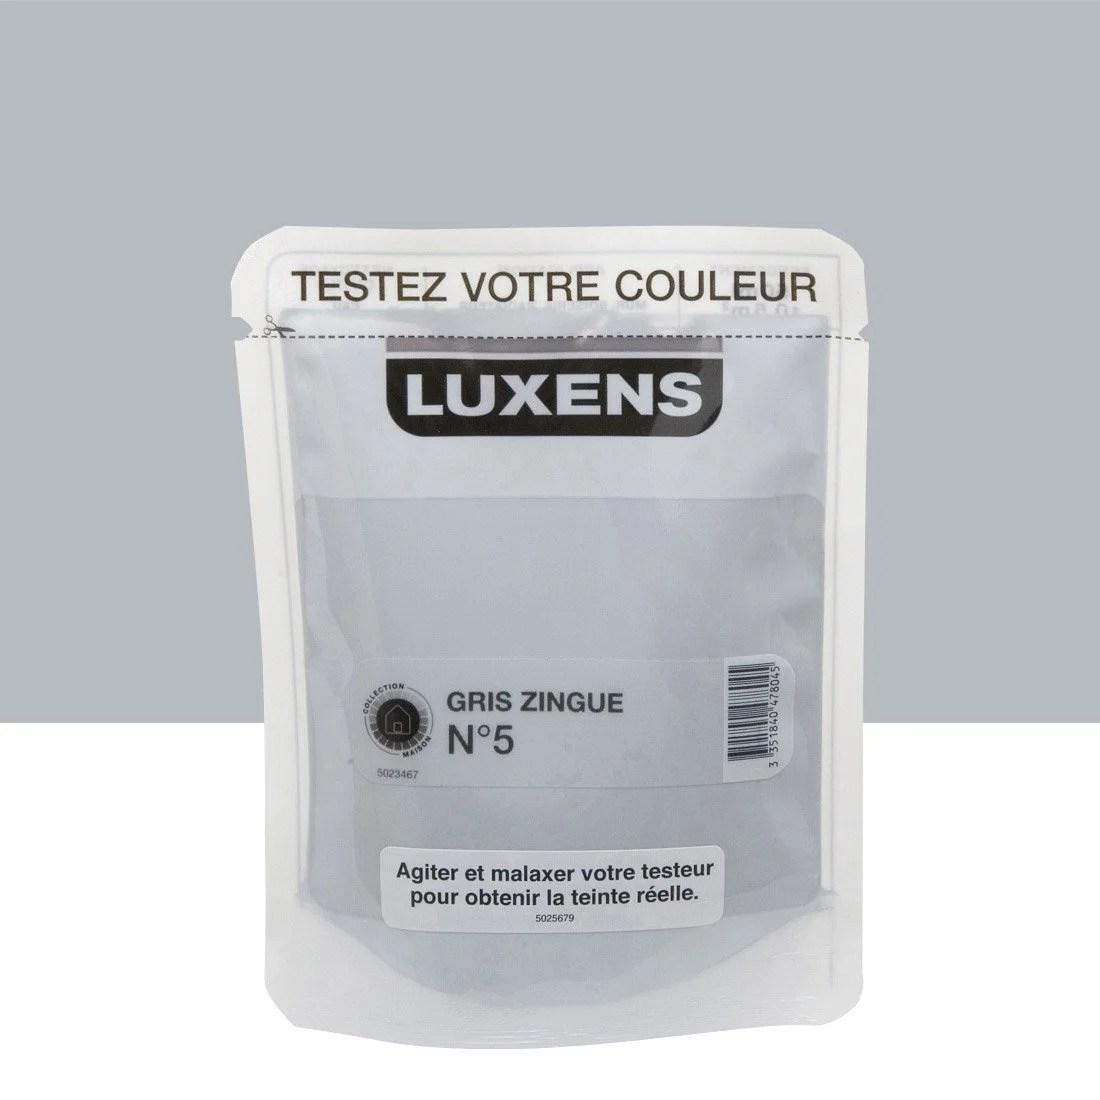 Couleur Luxens | 46 Ides Dimages De Nuancier Peinture Luxens